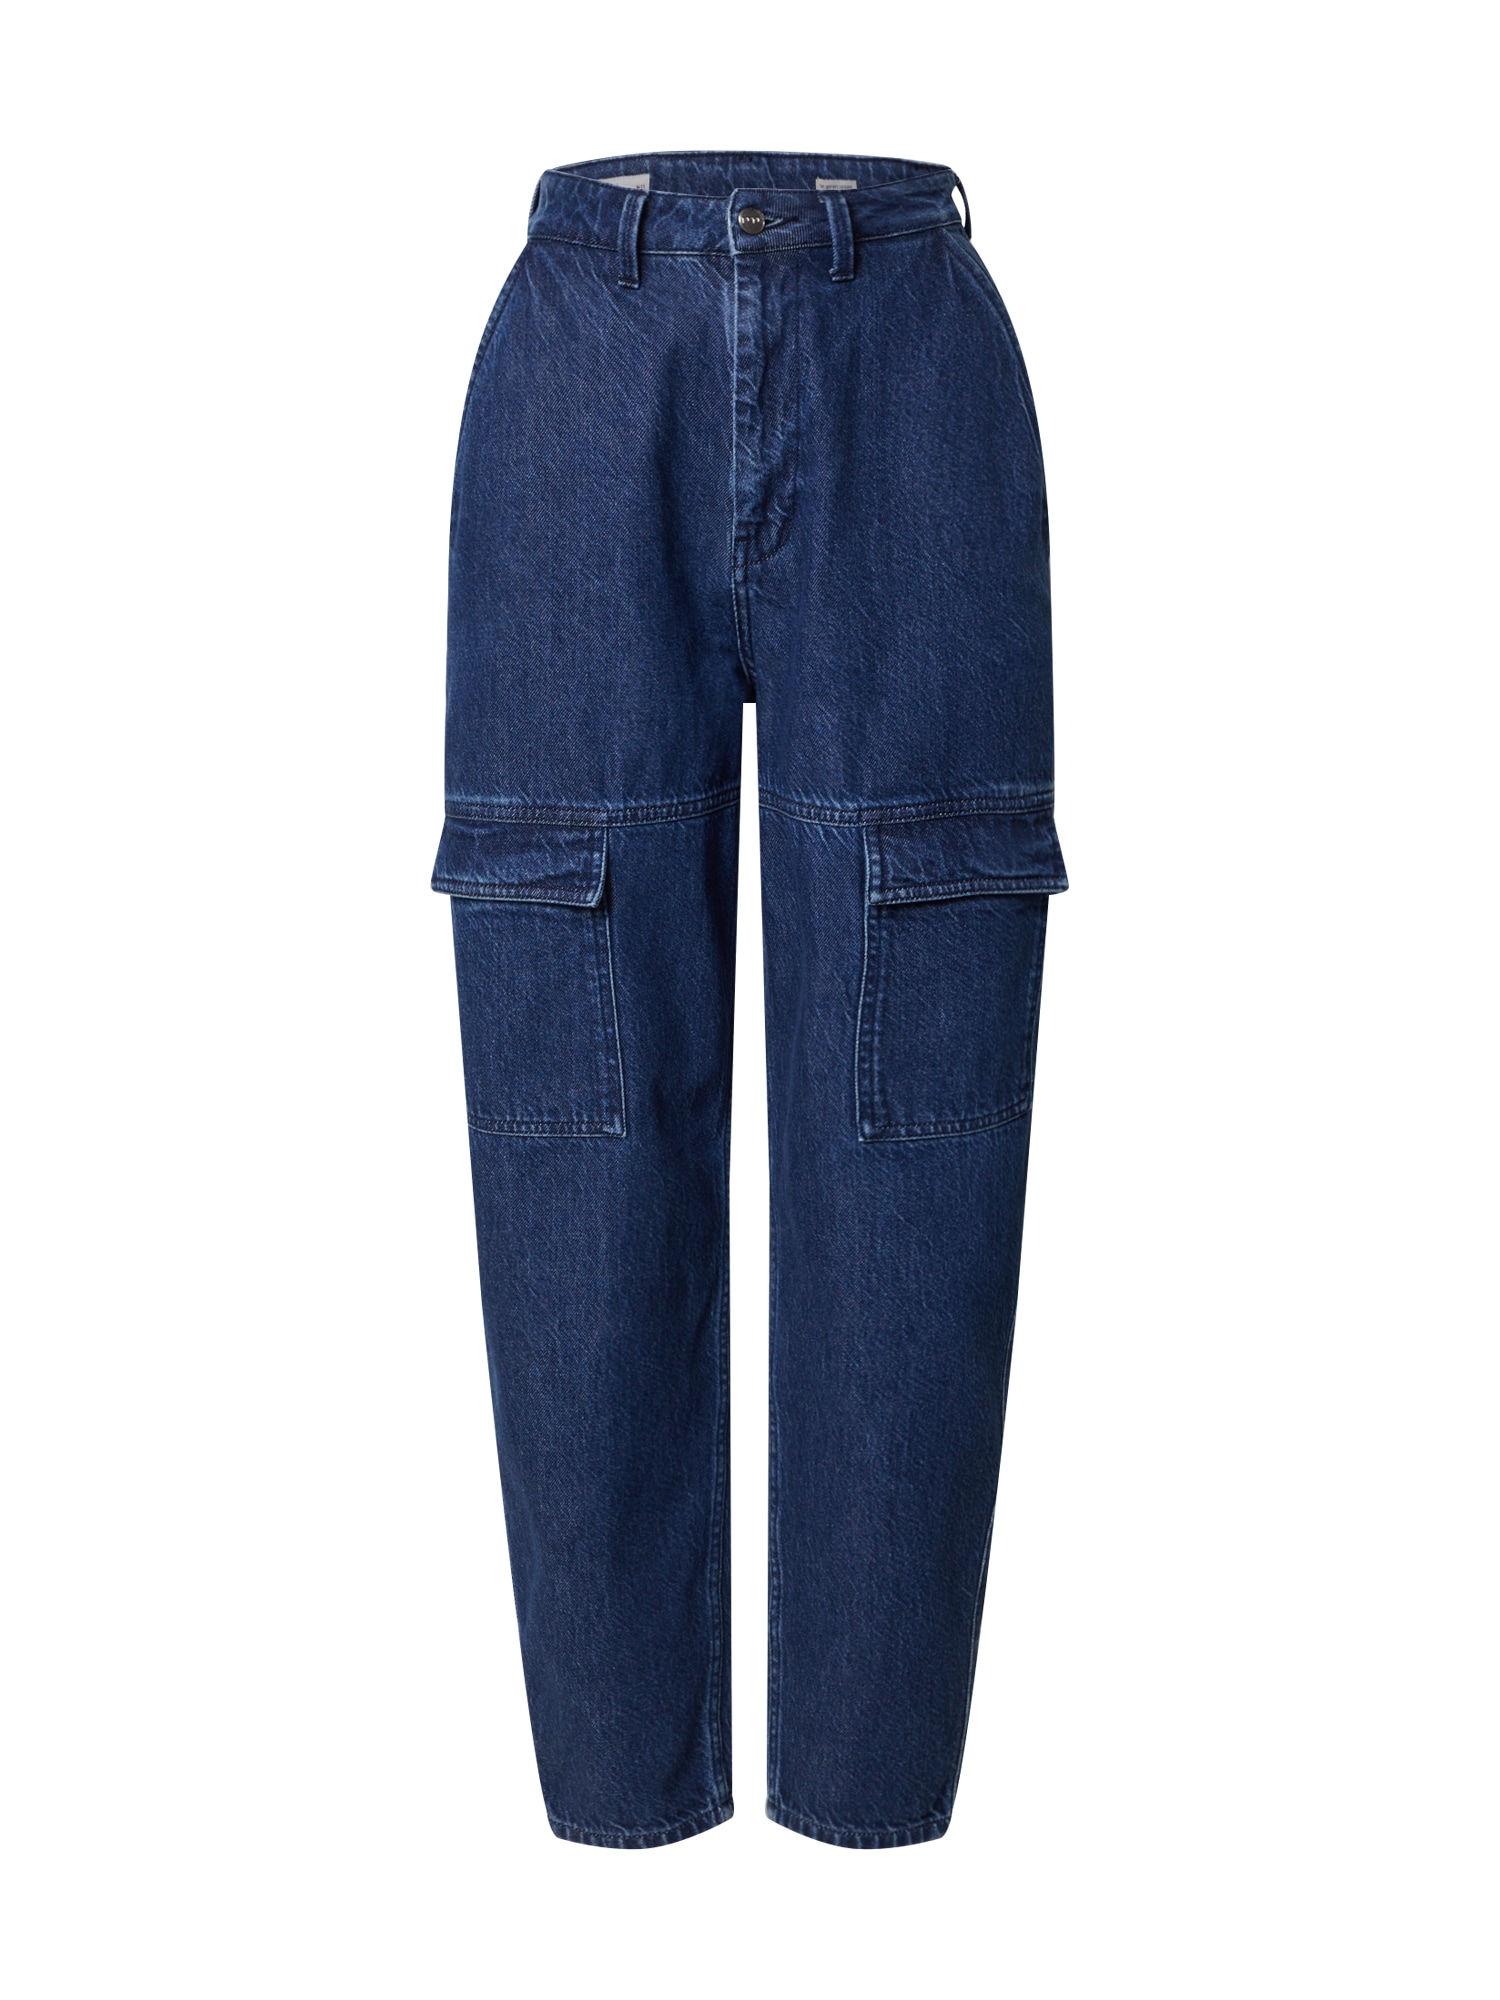 Pepe Jeans Darbinio stiliaus džinsai